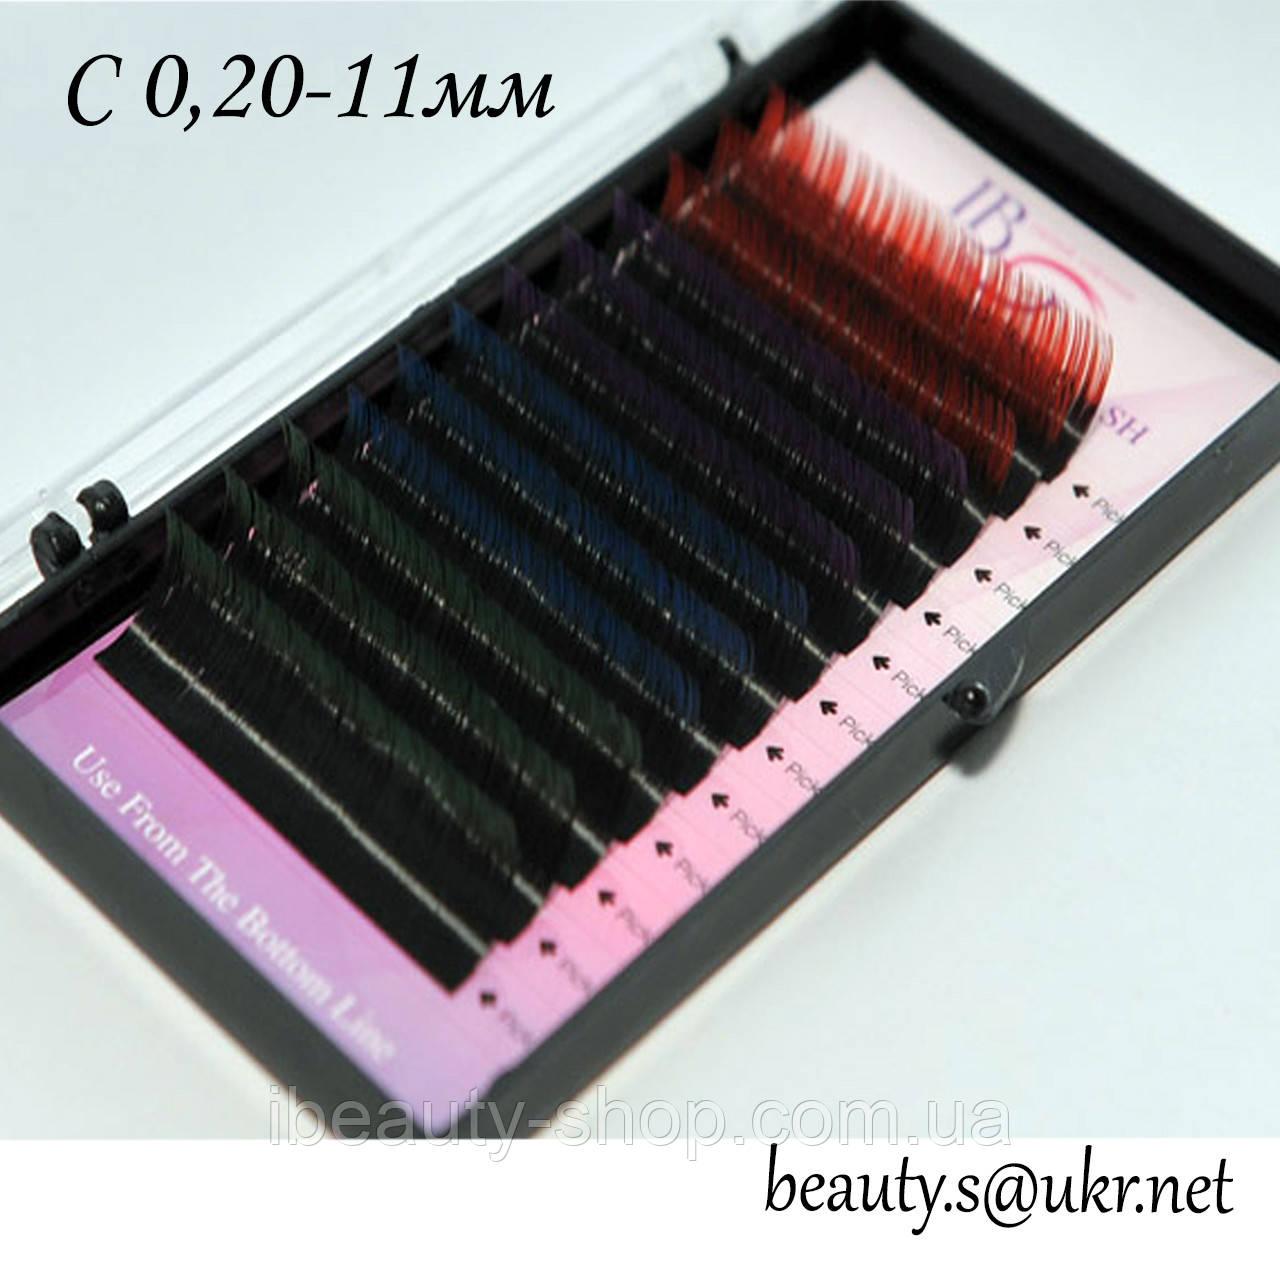 Вії I-Beauty, З 0,20-11мм,кольорові кінці,4 кольори